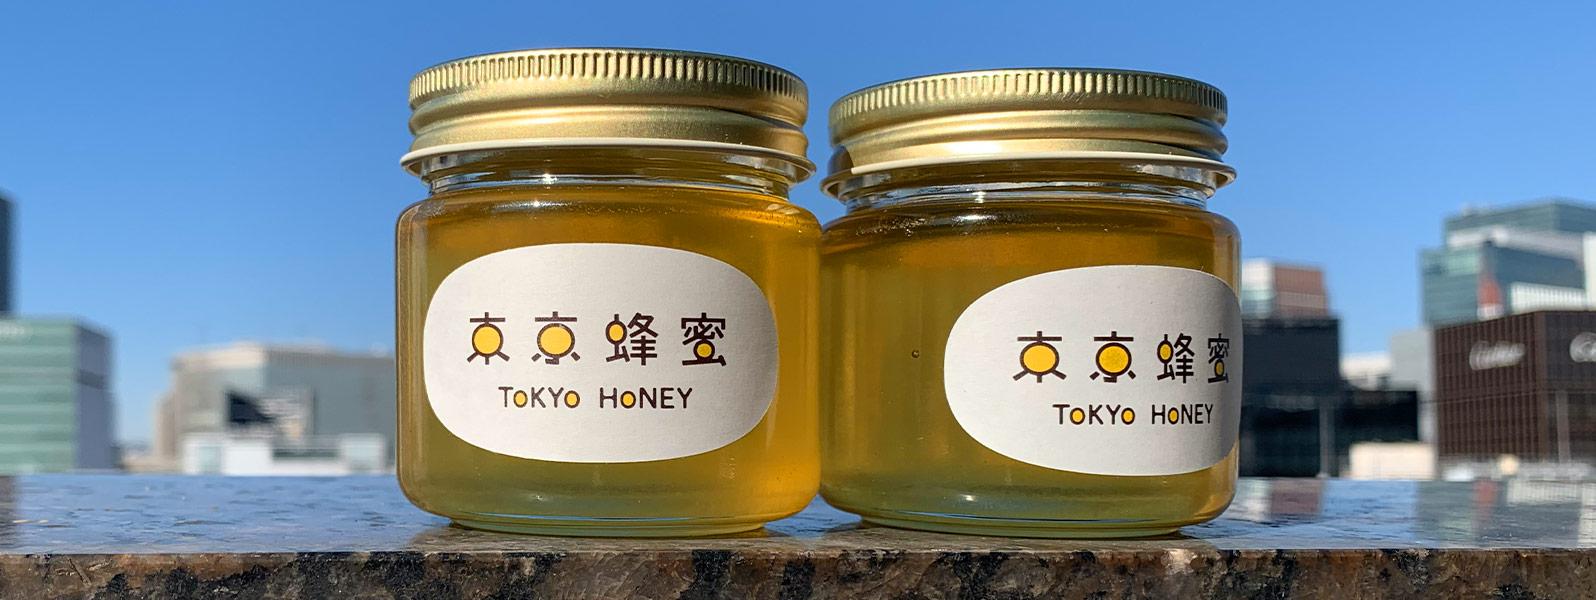 東京蜂蜜 - TOKYO HONEY - 数量僅少で販売